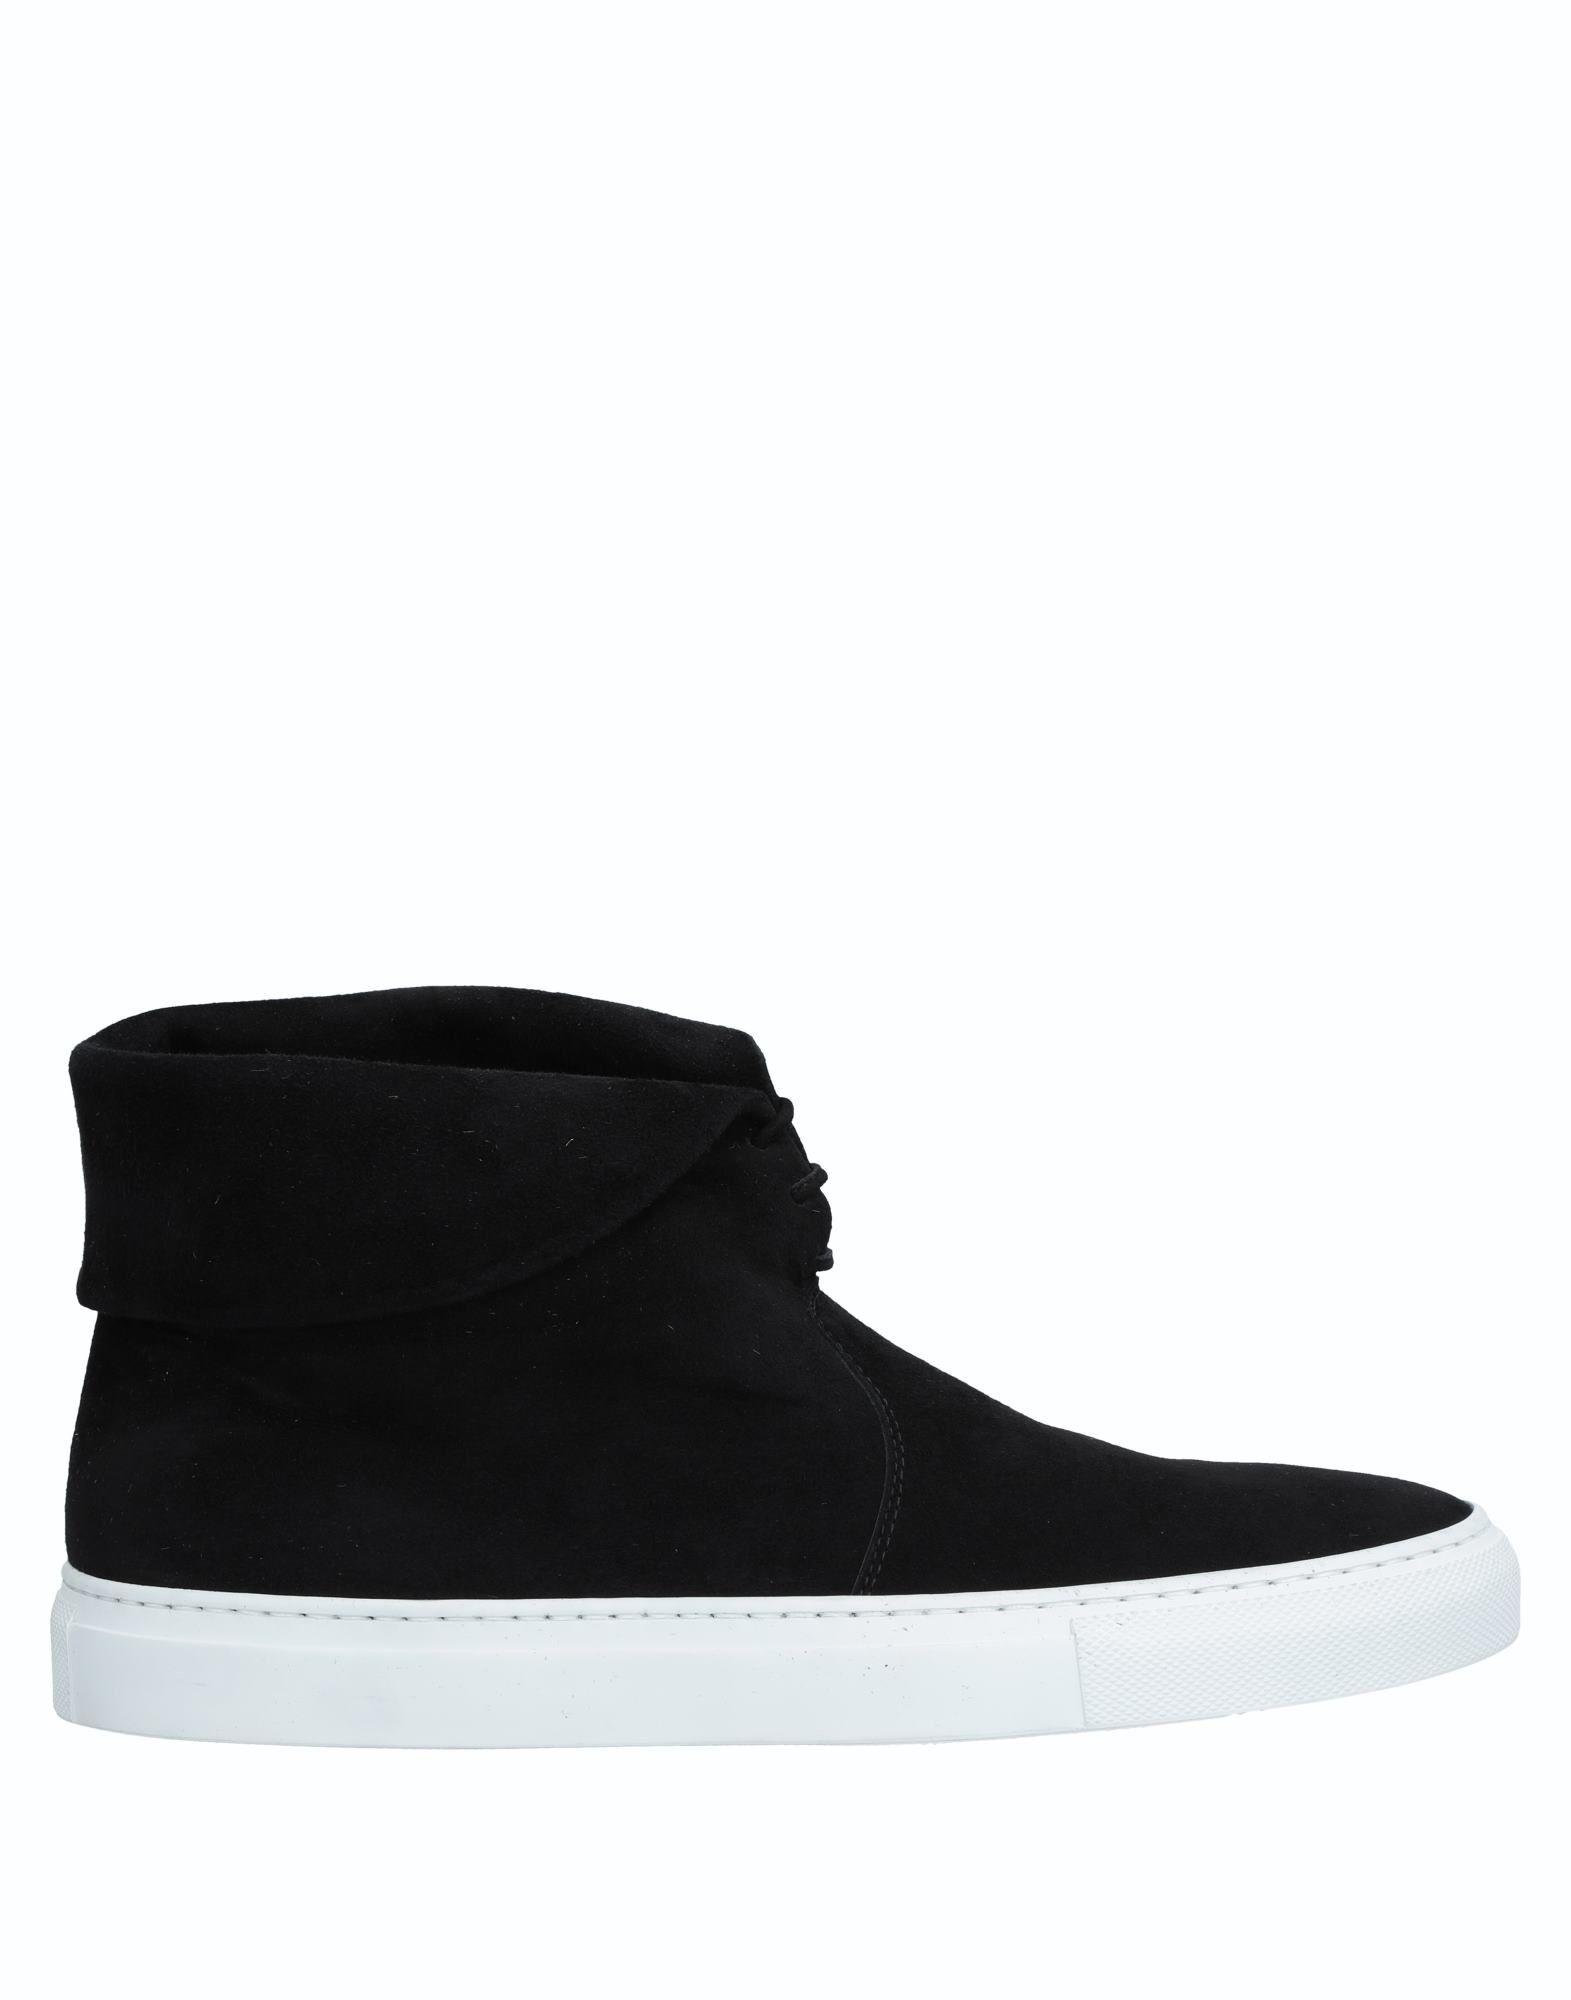 Haltbare Mode billige Schuhe Joshua*S Sneakers Herren  11537302WS Heiße Schuhe